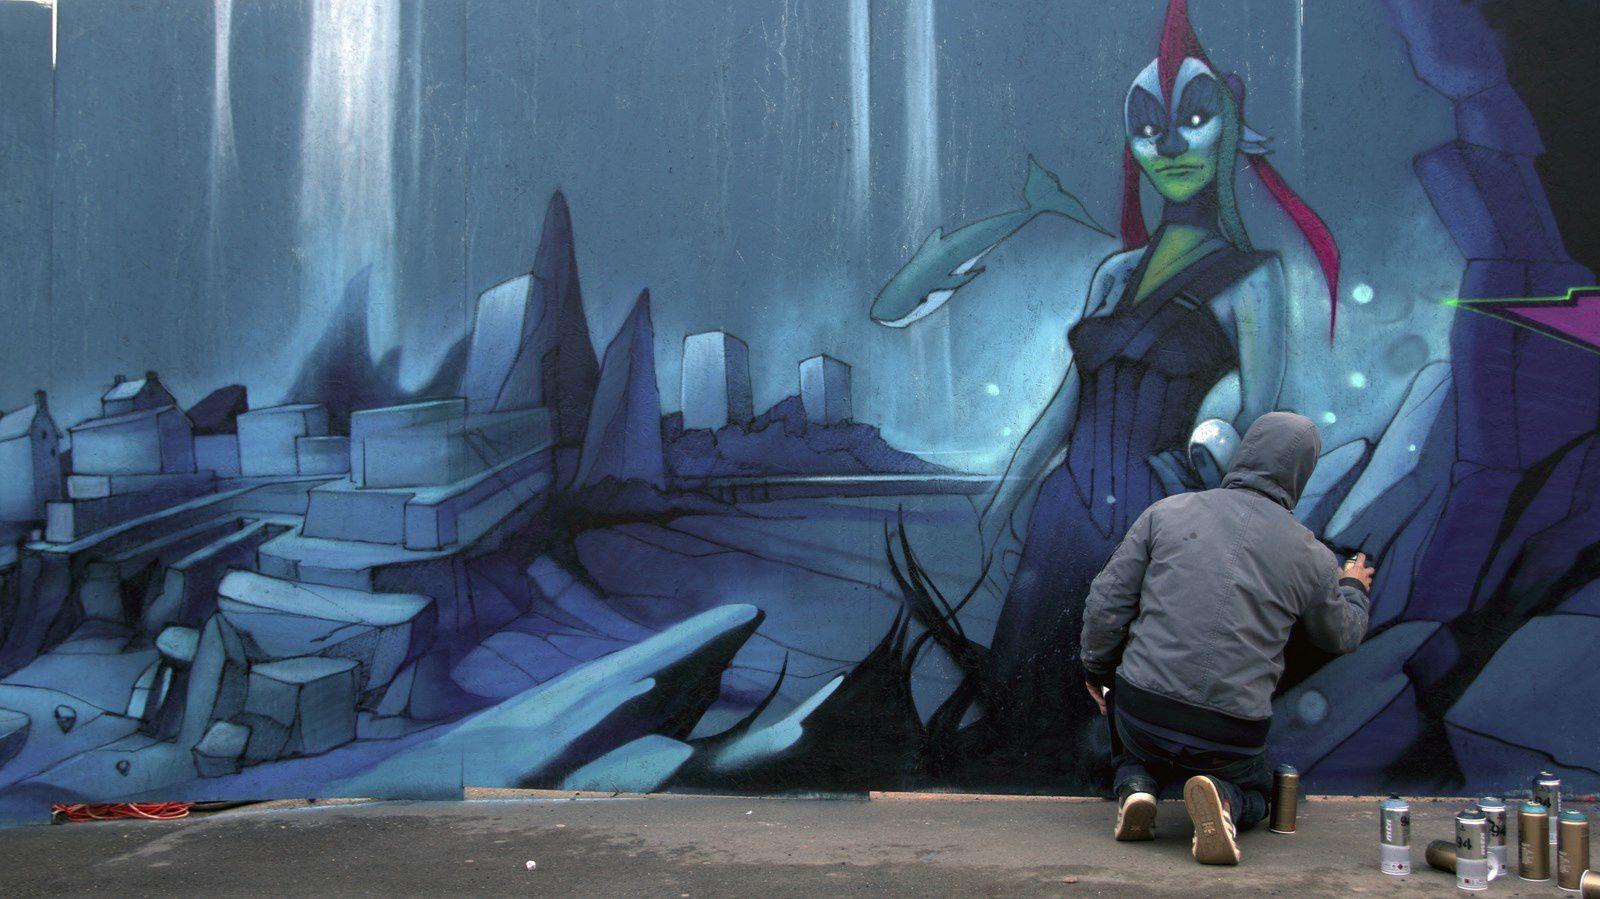 Les graffeurs brestois dans leurs oeuvres...